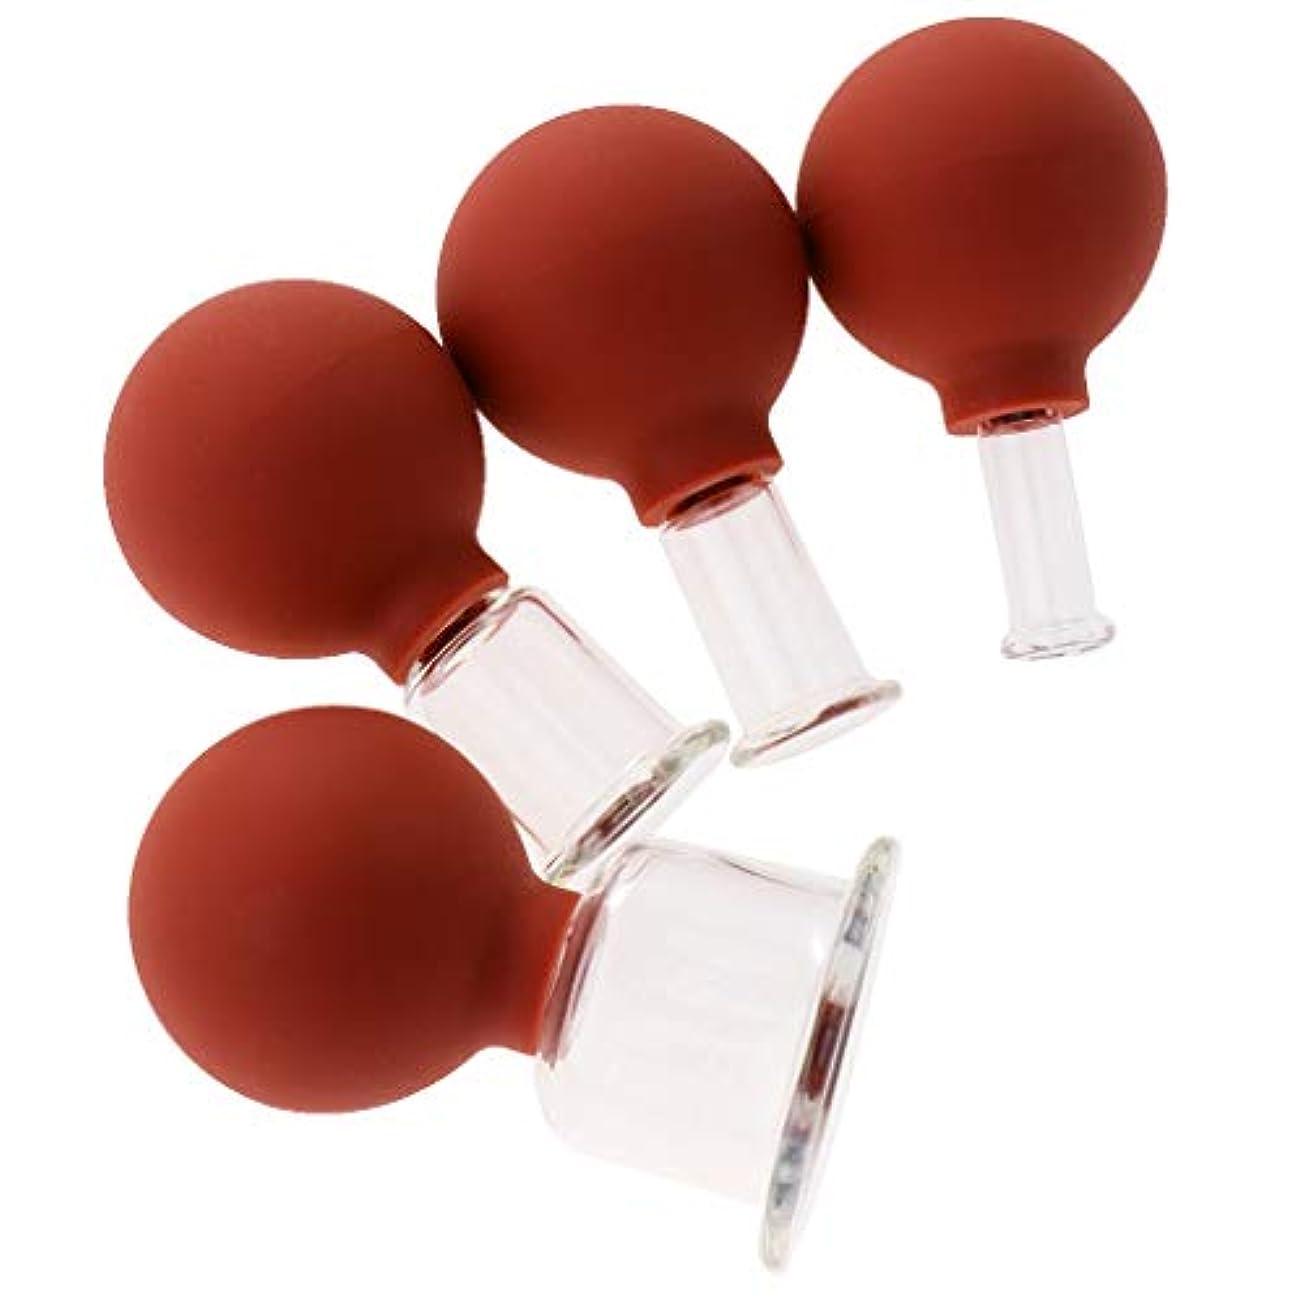 休みパプアニューギニア粘液D DOLITY マッサージカップ 吸い玉 カッピングセット ガラスカッピング 真空 男女兼用 ギフト 4個 全3色 - 赤茶色